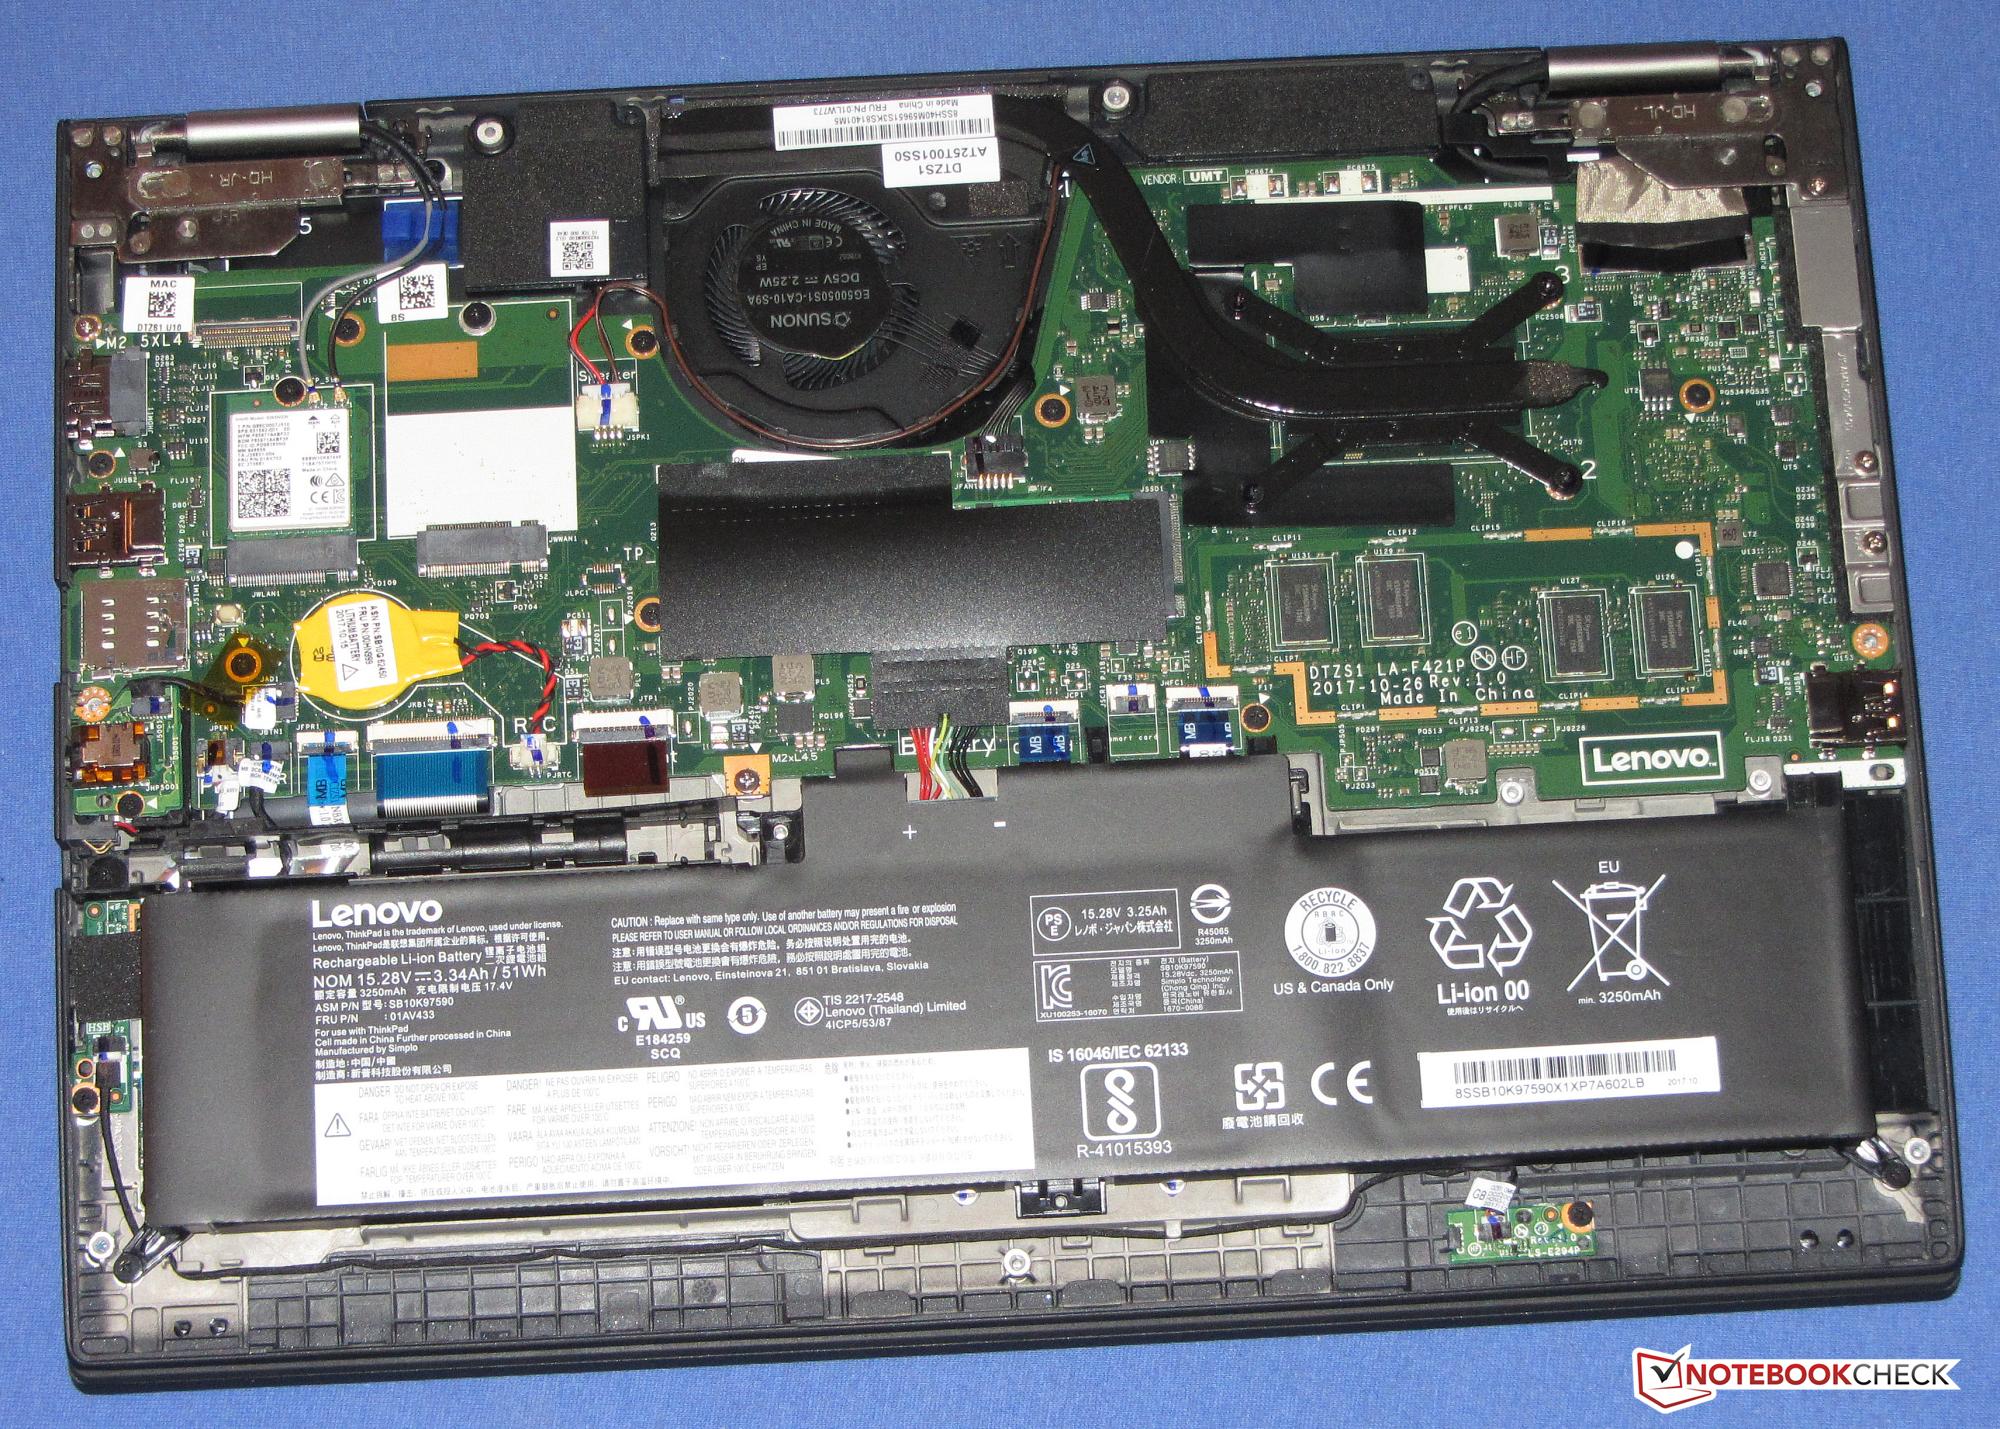 Lenovo ThinkPad X380 Yoga (i7-8550U, FHD) Convertible Review